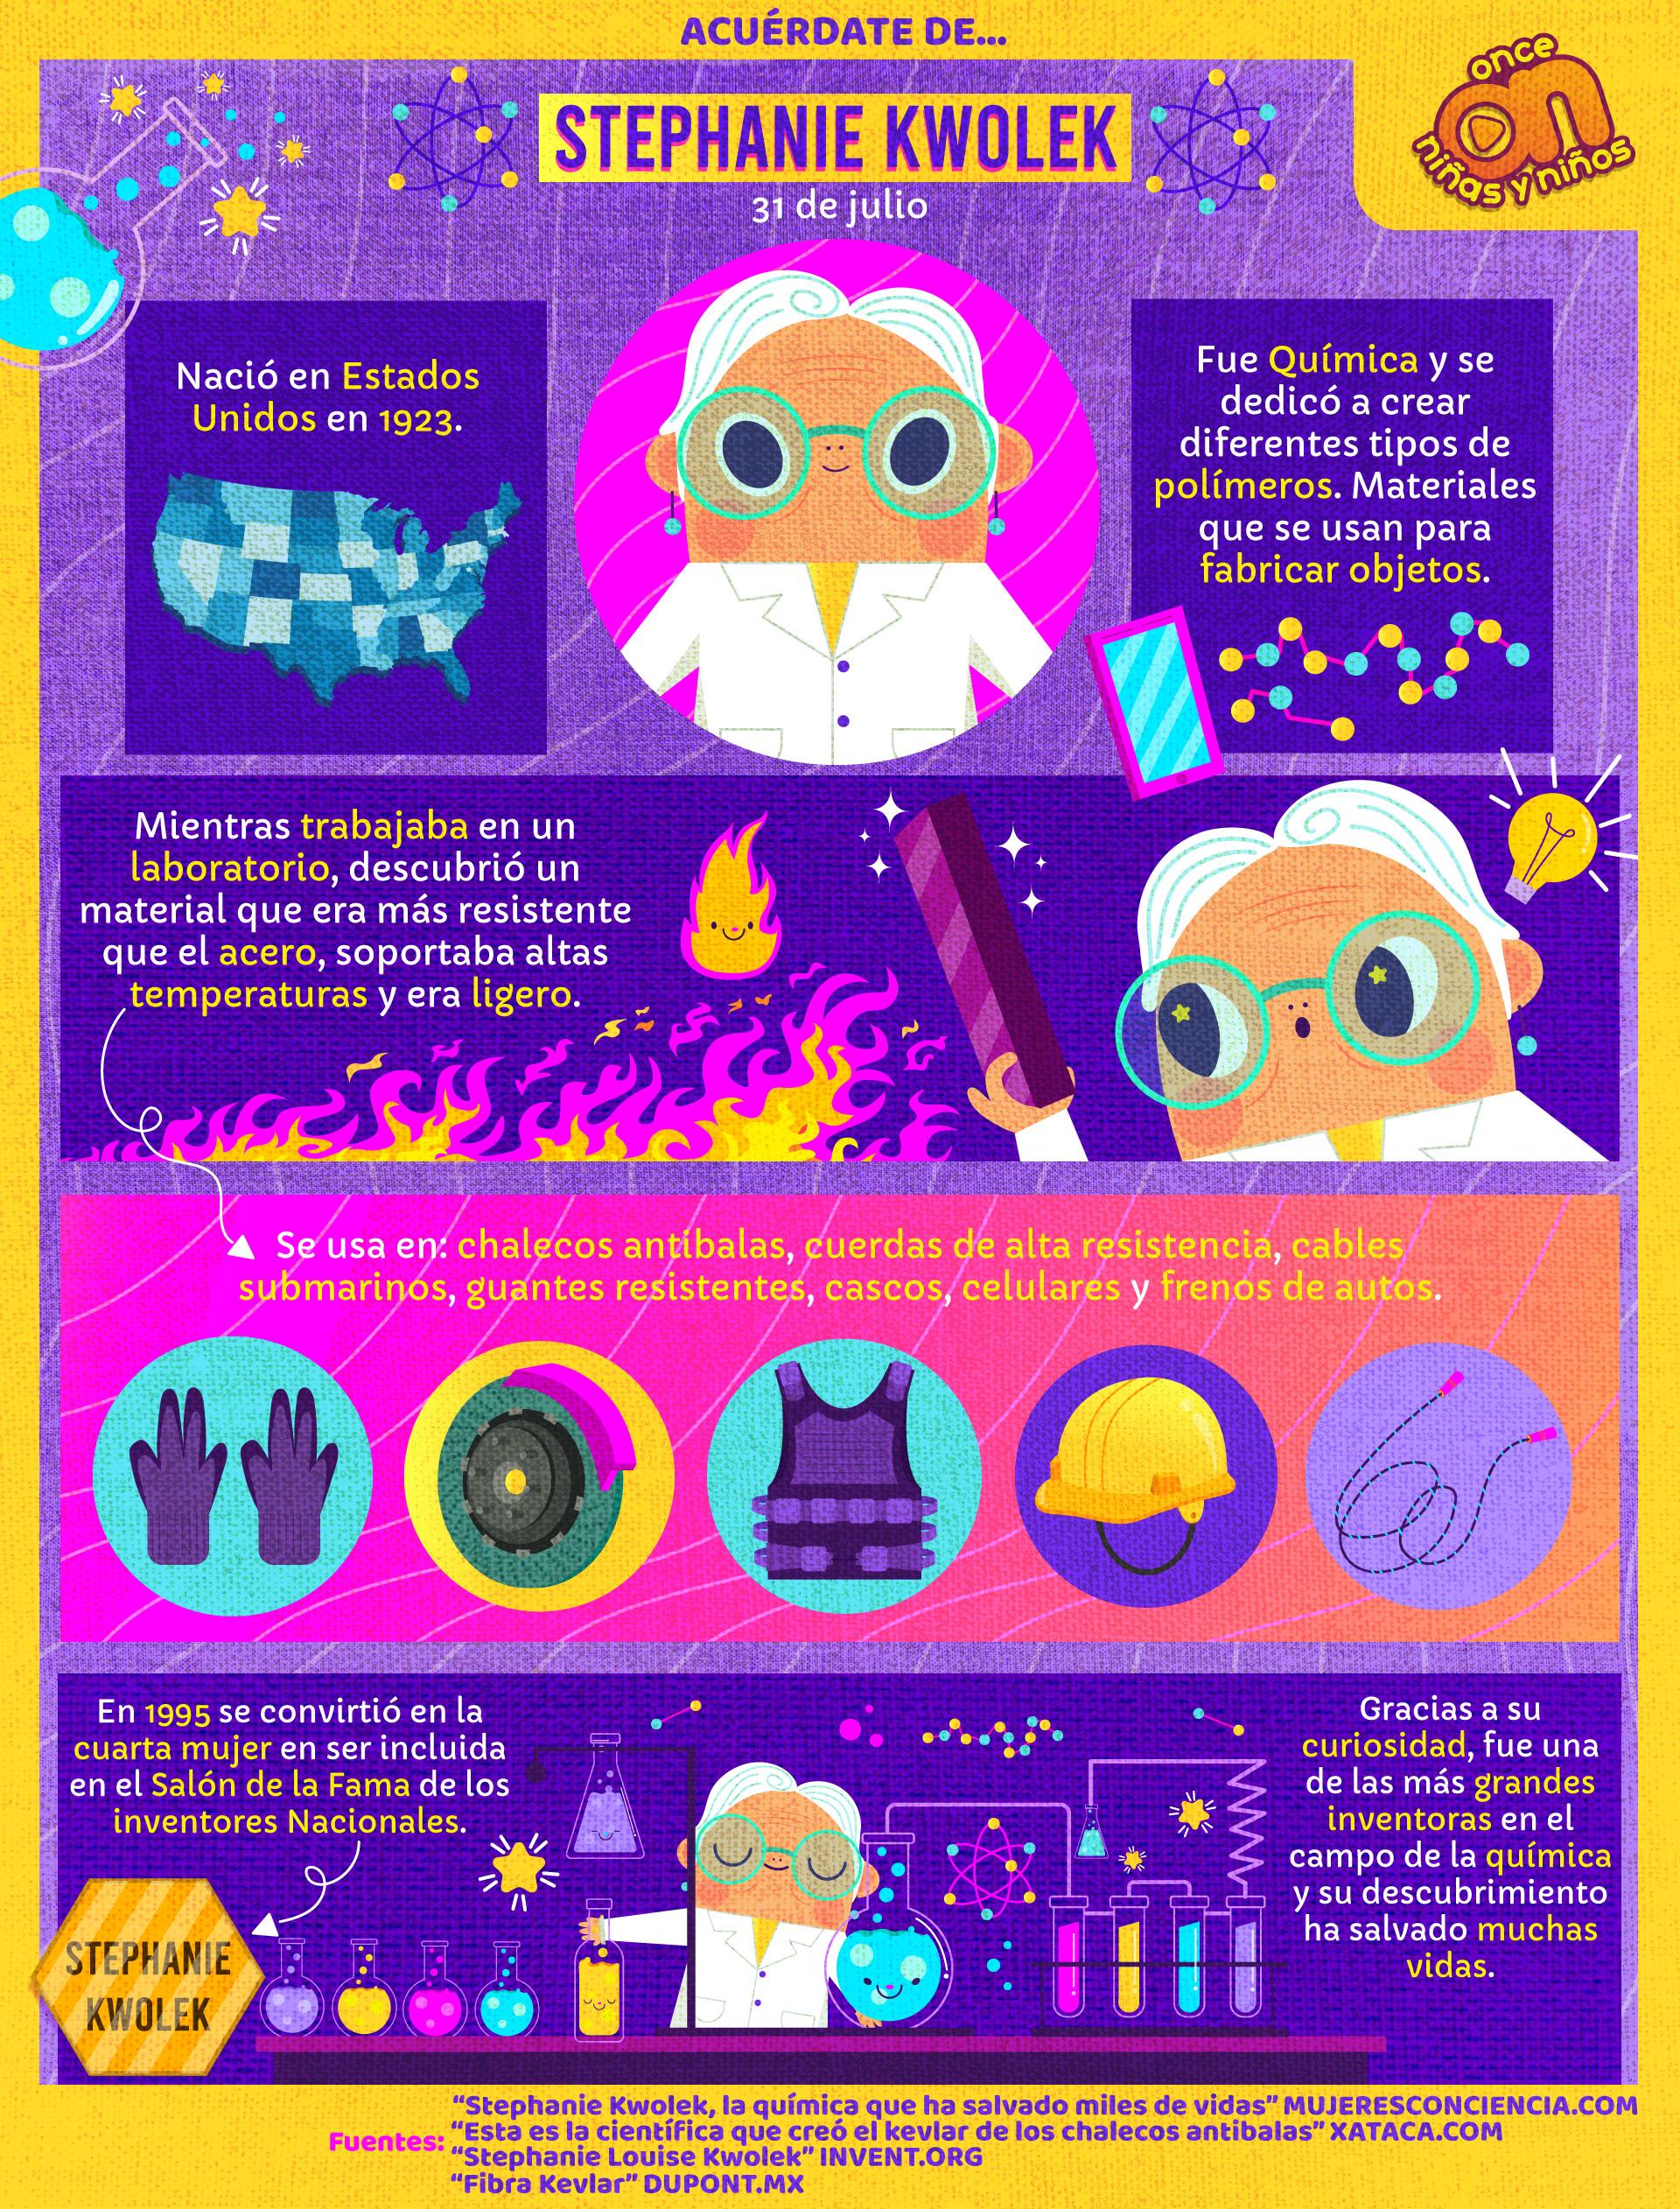 Acuérdate de... Stephanie Kwolek.  31 de julio.  Fue química y se dedicó a crear diferentes tipos de polímero.   Once Niñas y Niños